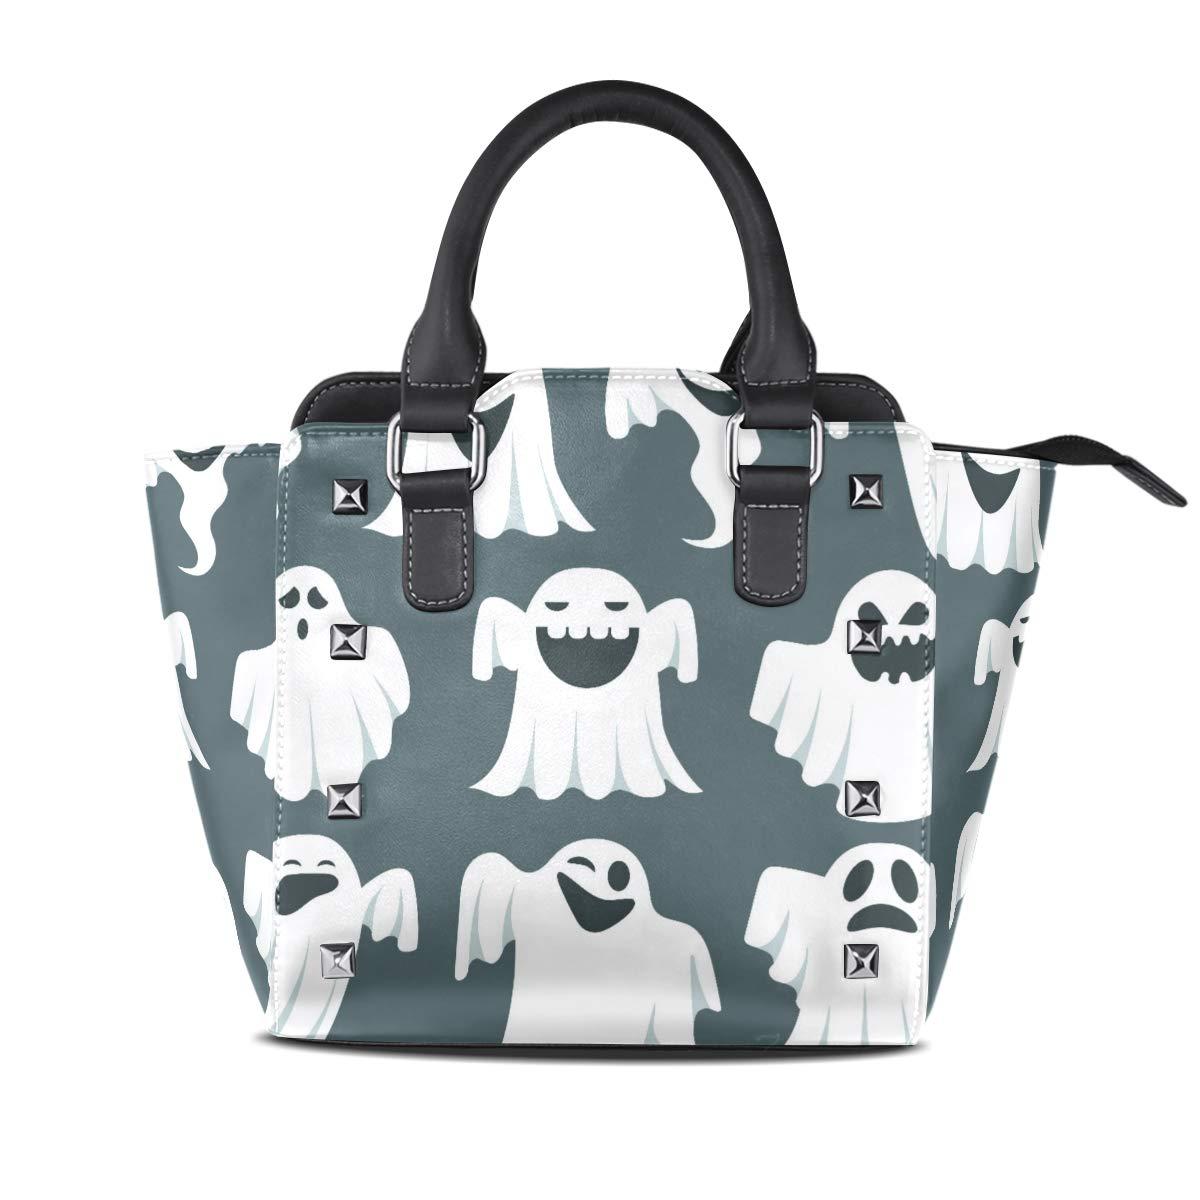 Design4 Handbag Leaves Genuine Leather Tote Rivet Bag Shoulder Strap Top Handle Women